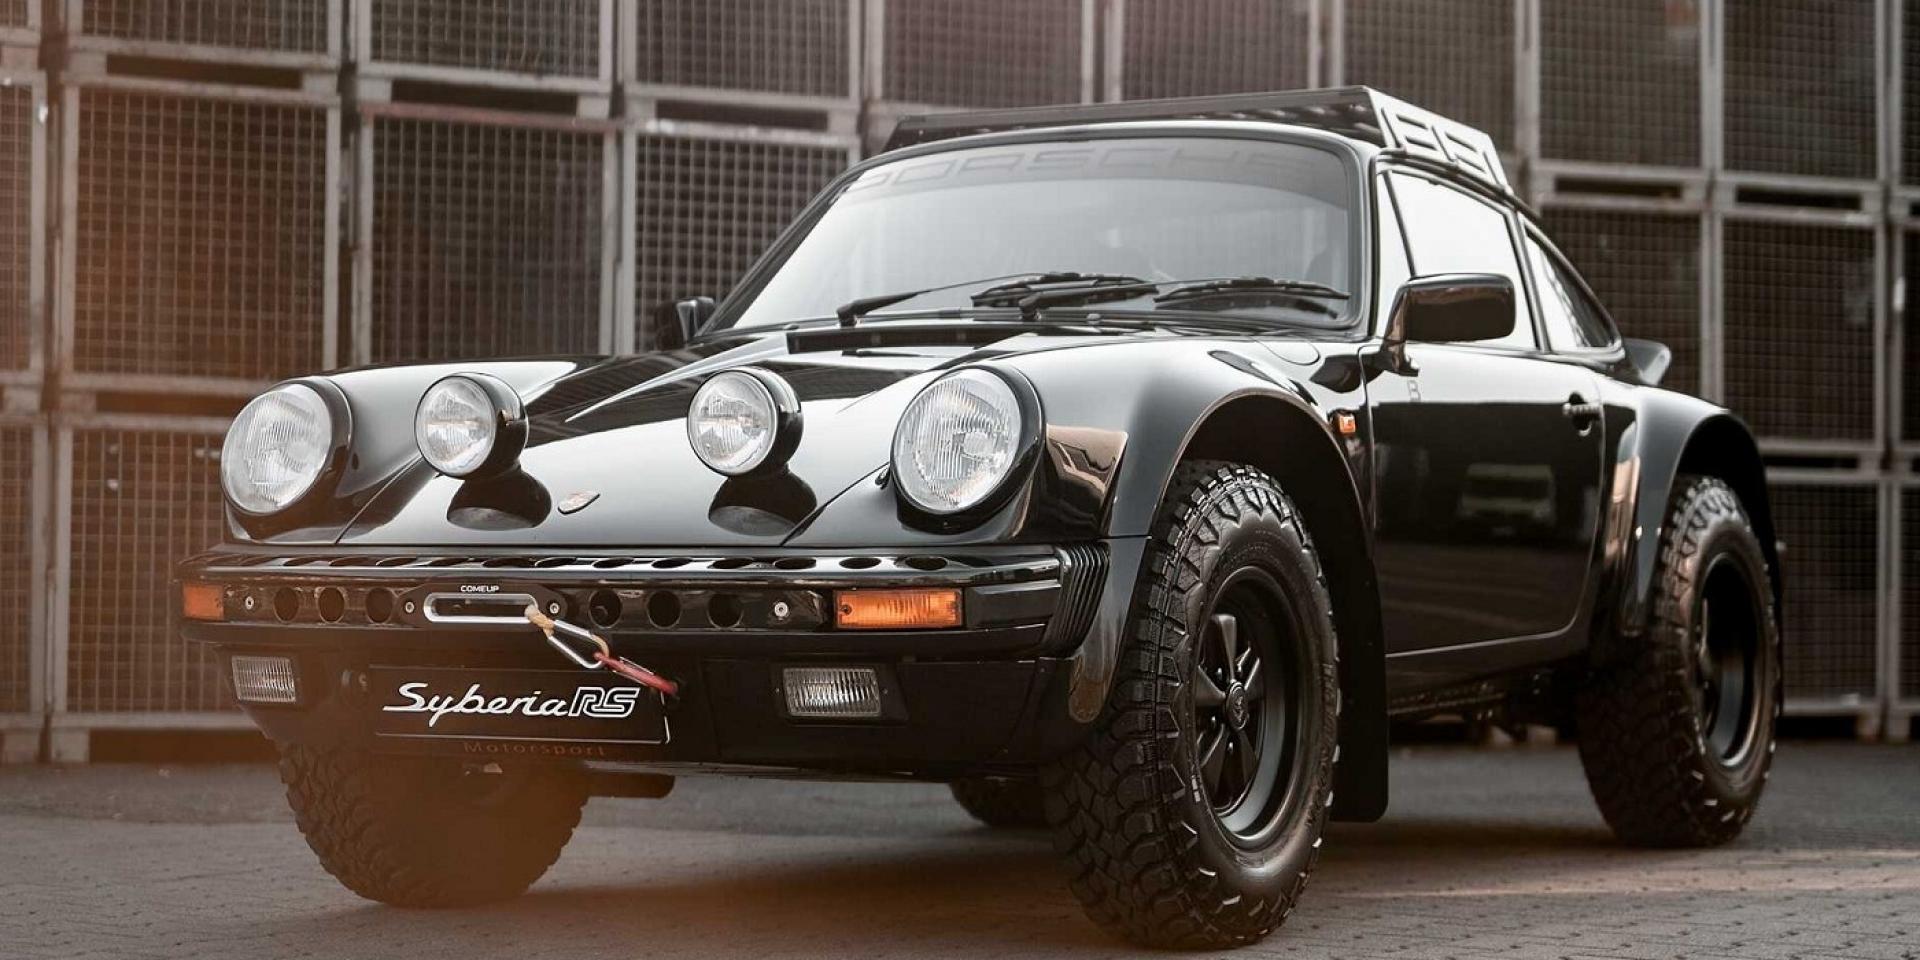 Porsche也能越野,Syberia RS帶你上山下海